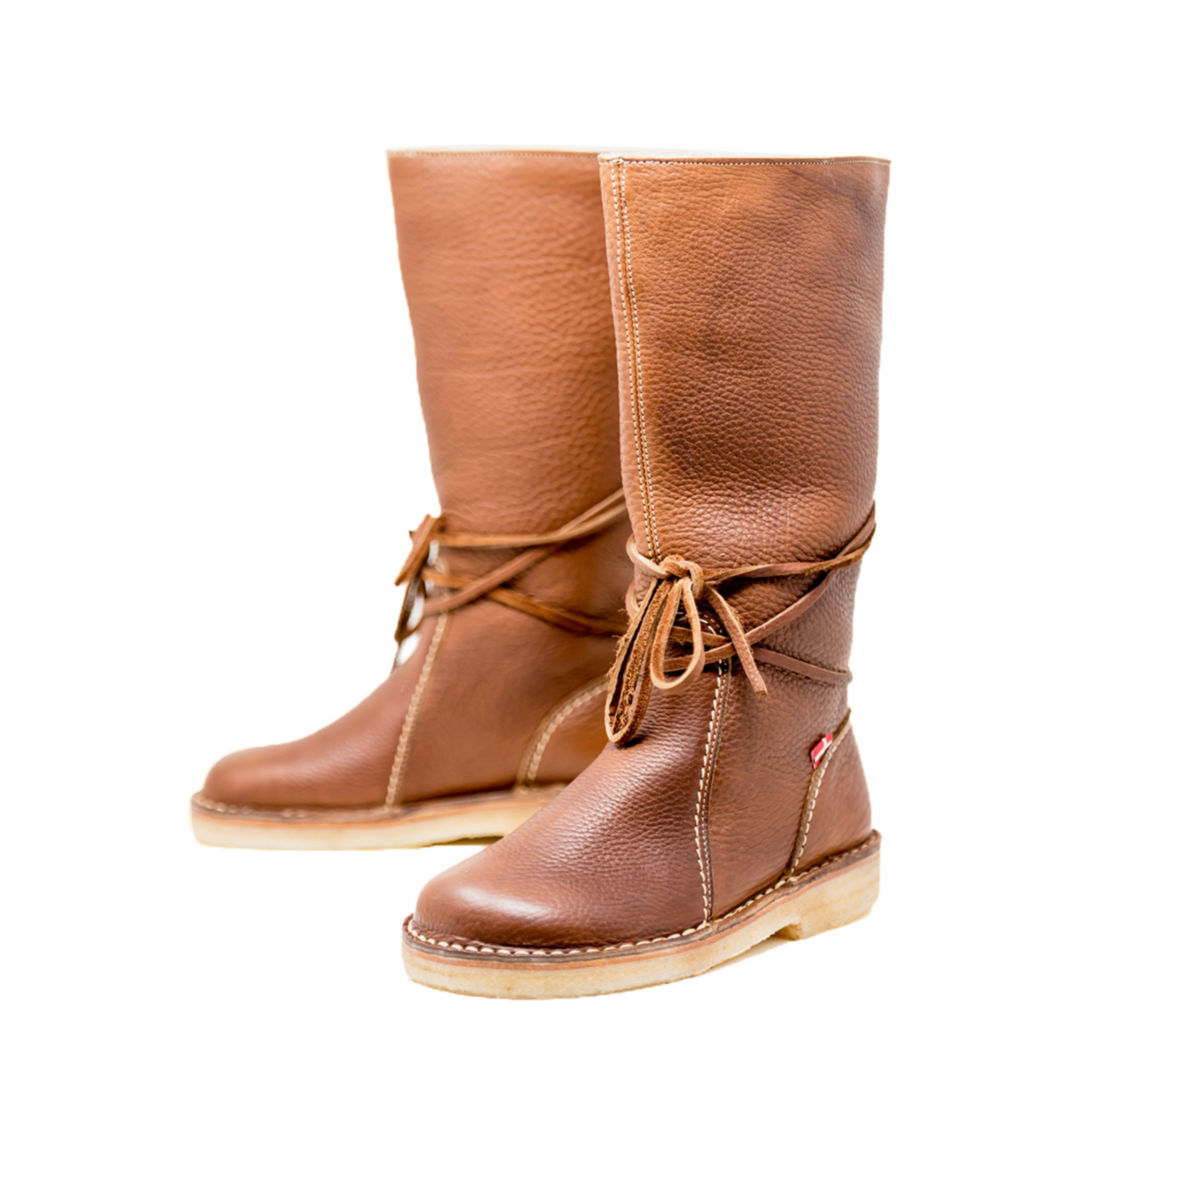 Duckfeet® Silkeborg Boots - NUTimage number 0